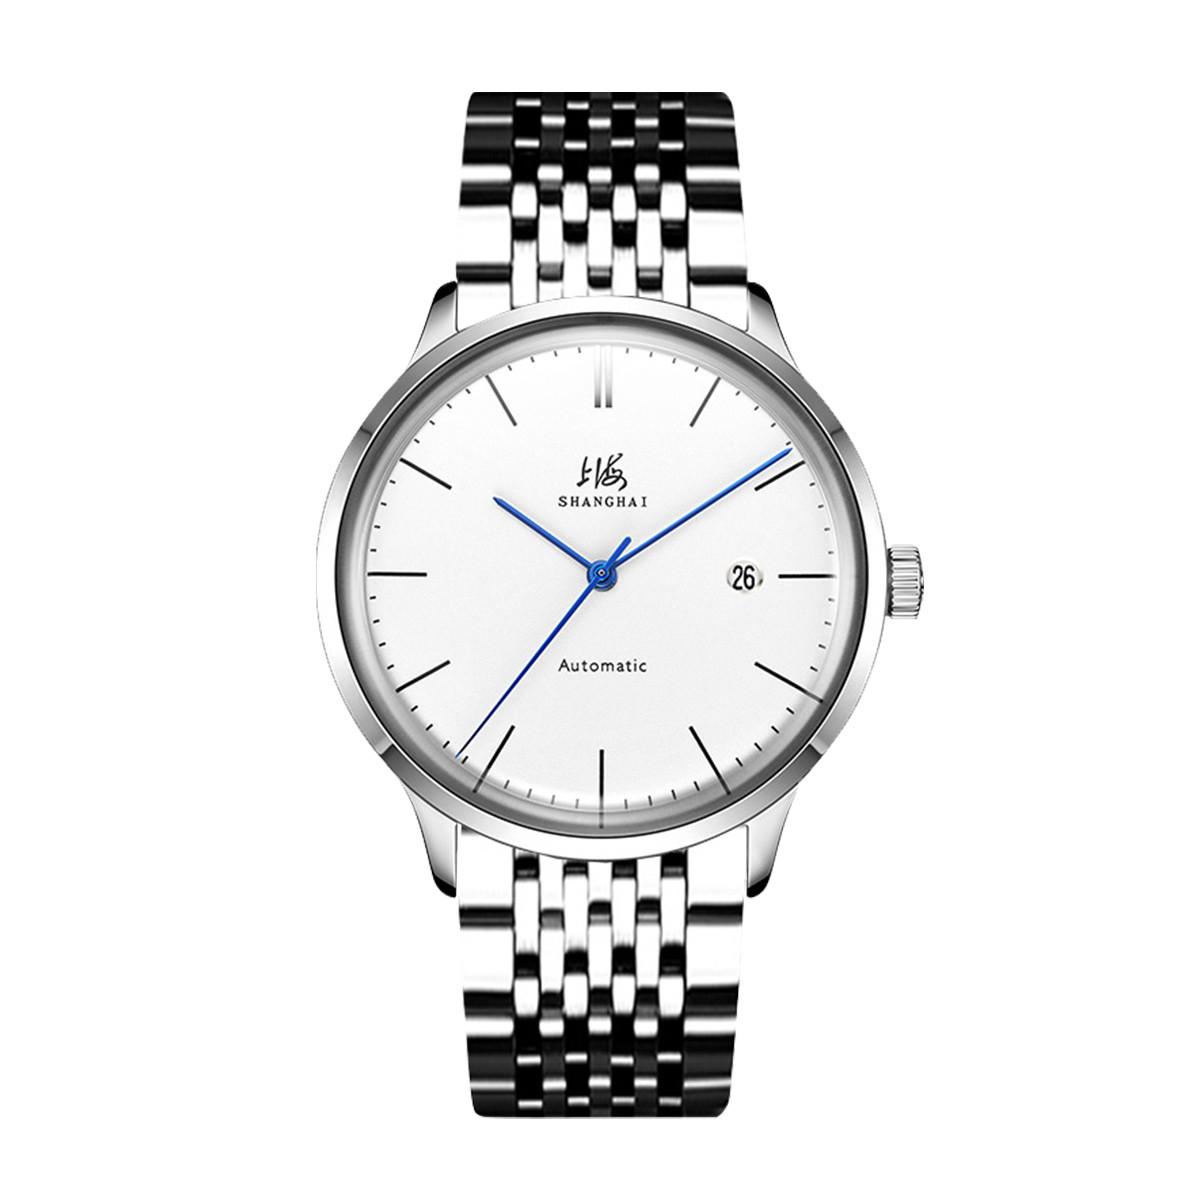 上海【畅销】上海手表全自动机械表简约时尚男表日历显示商务男士手表SH-A792-5-3-1